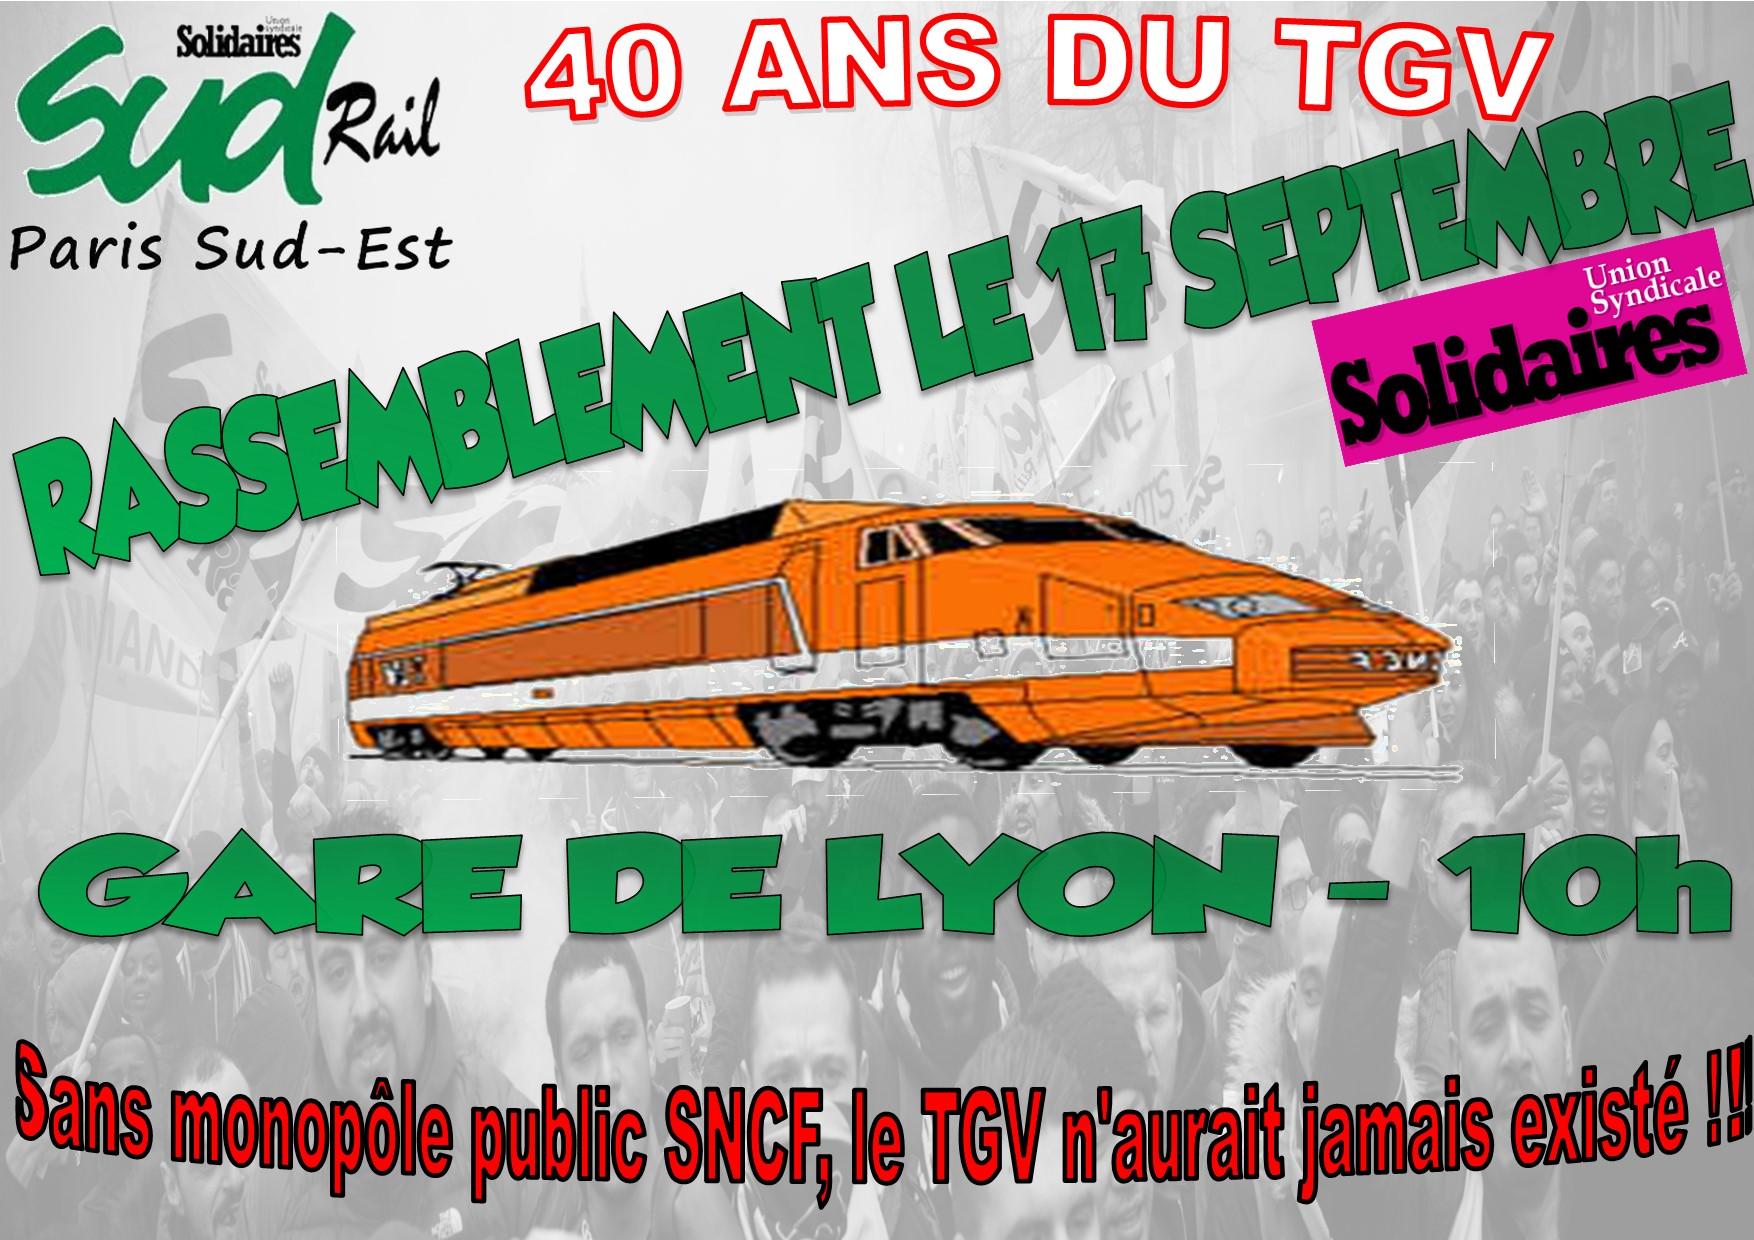 Il y a quarante ans, sans monopole public, il n'y aurait jamais eu de TGV !